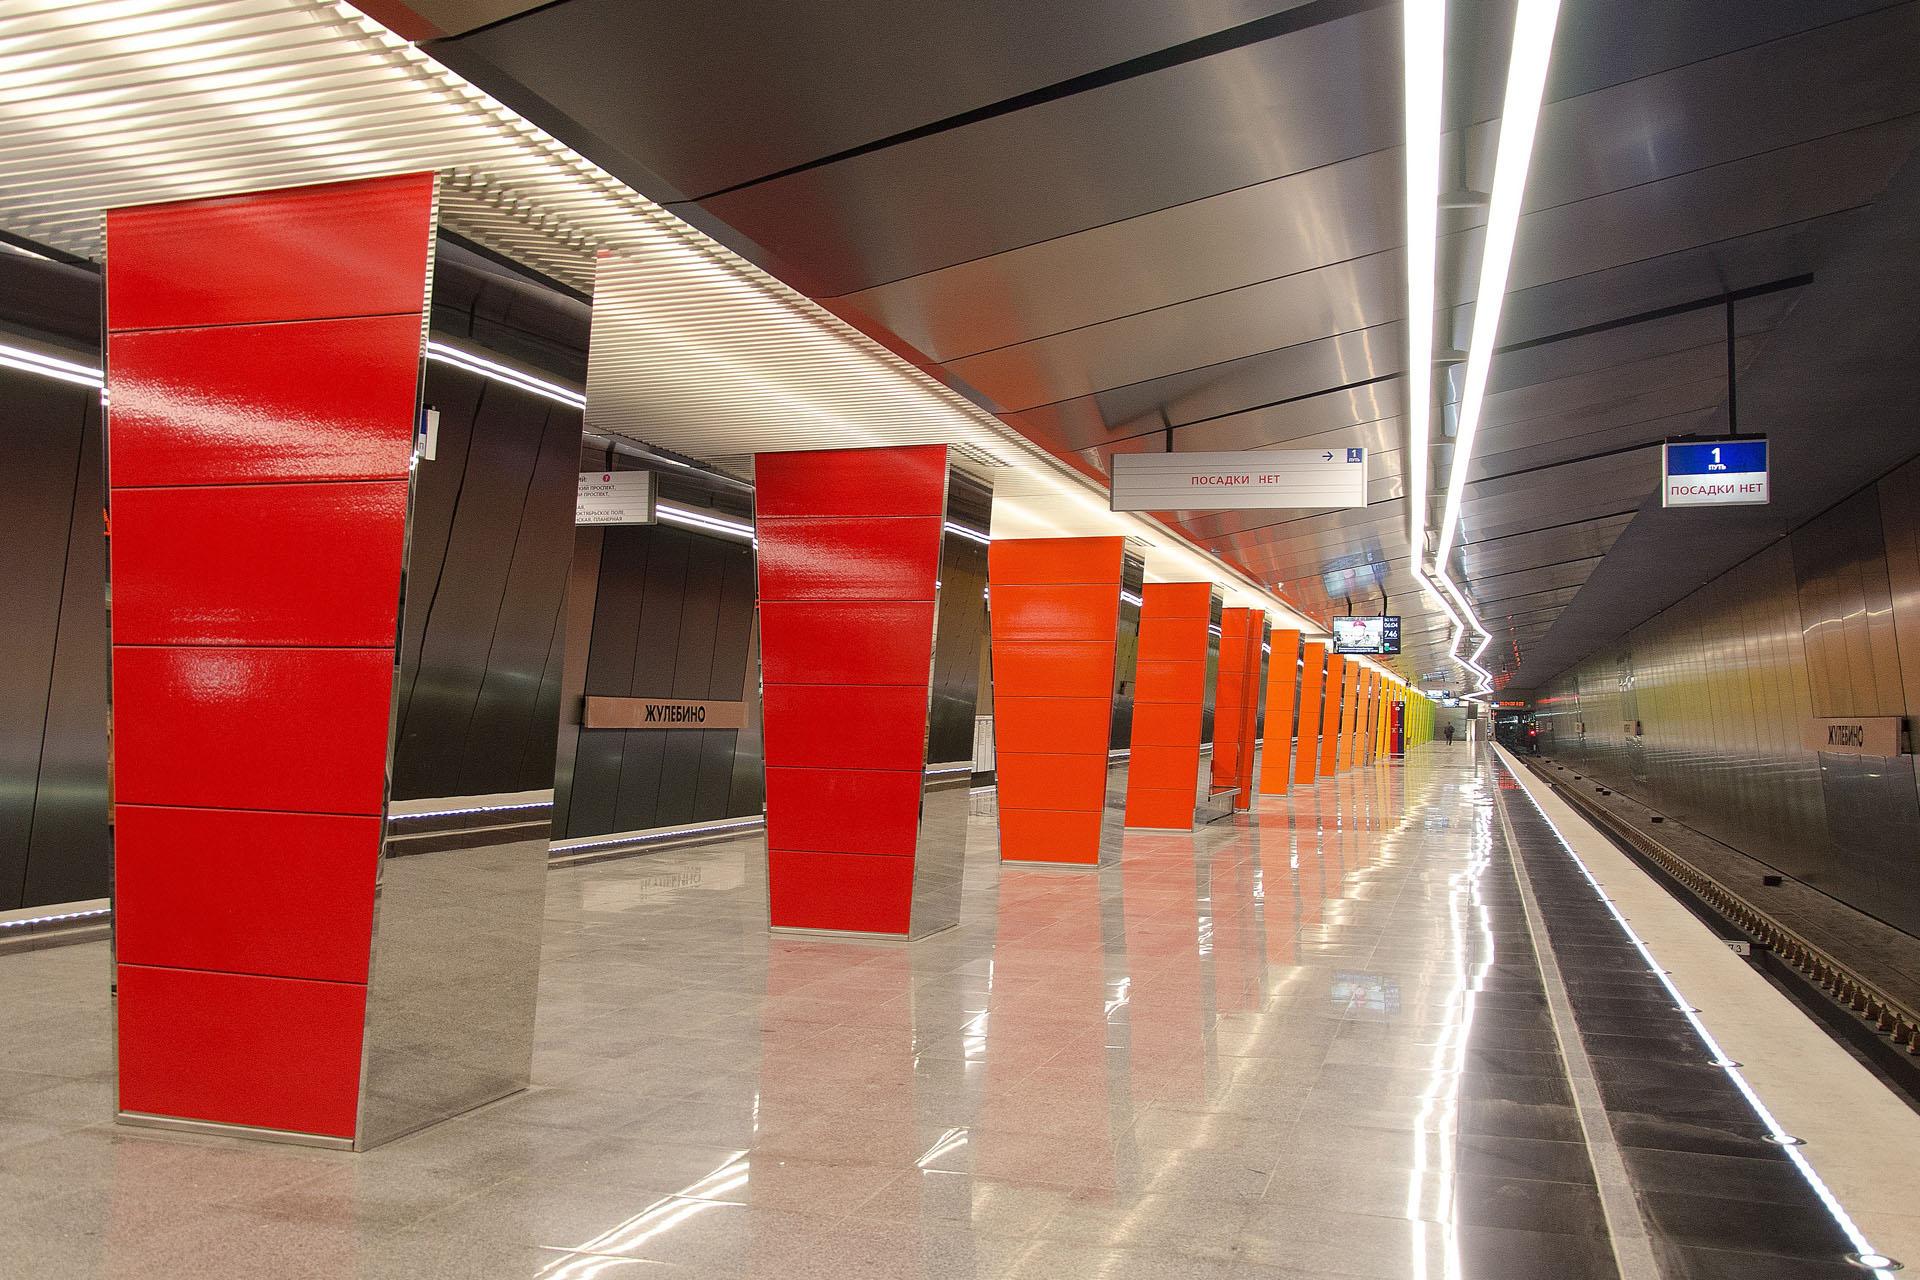 МТС расширяет покрытие сети в метро за счет оборудования «Максимателеком»